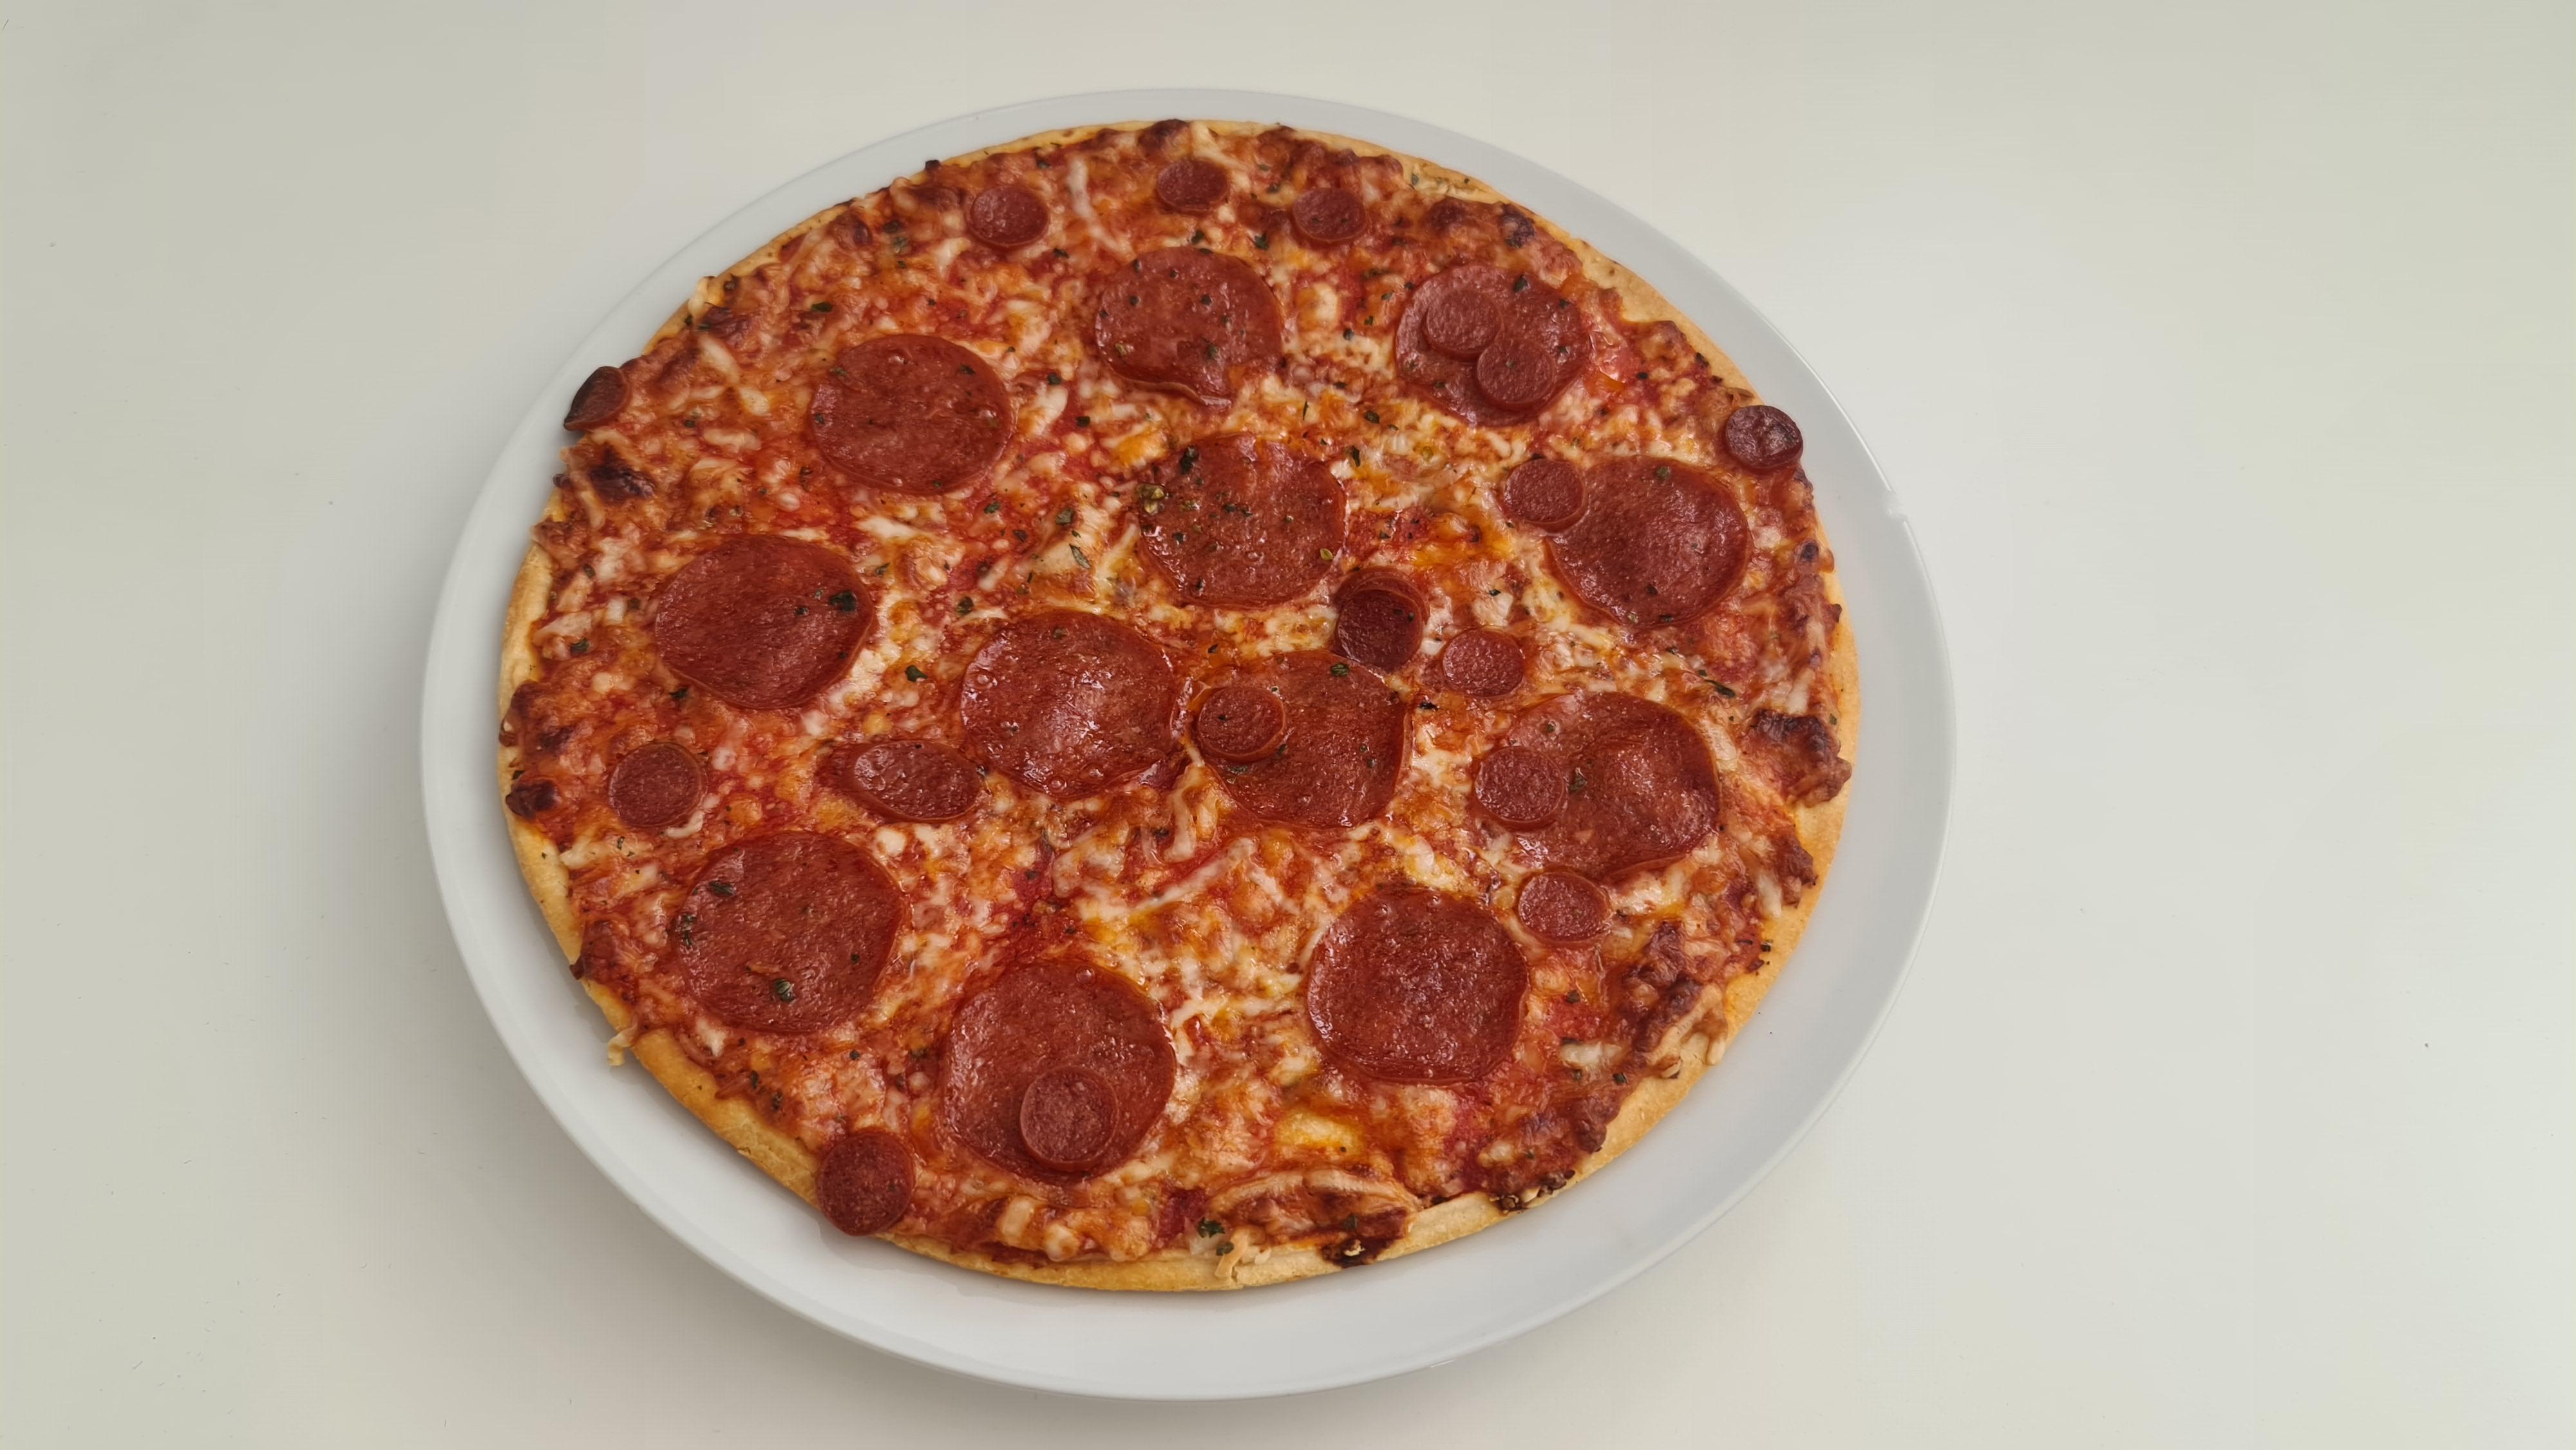 https://foodloader.net/Holz_2020-06-07_Pizza.jpg